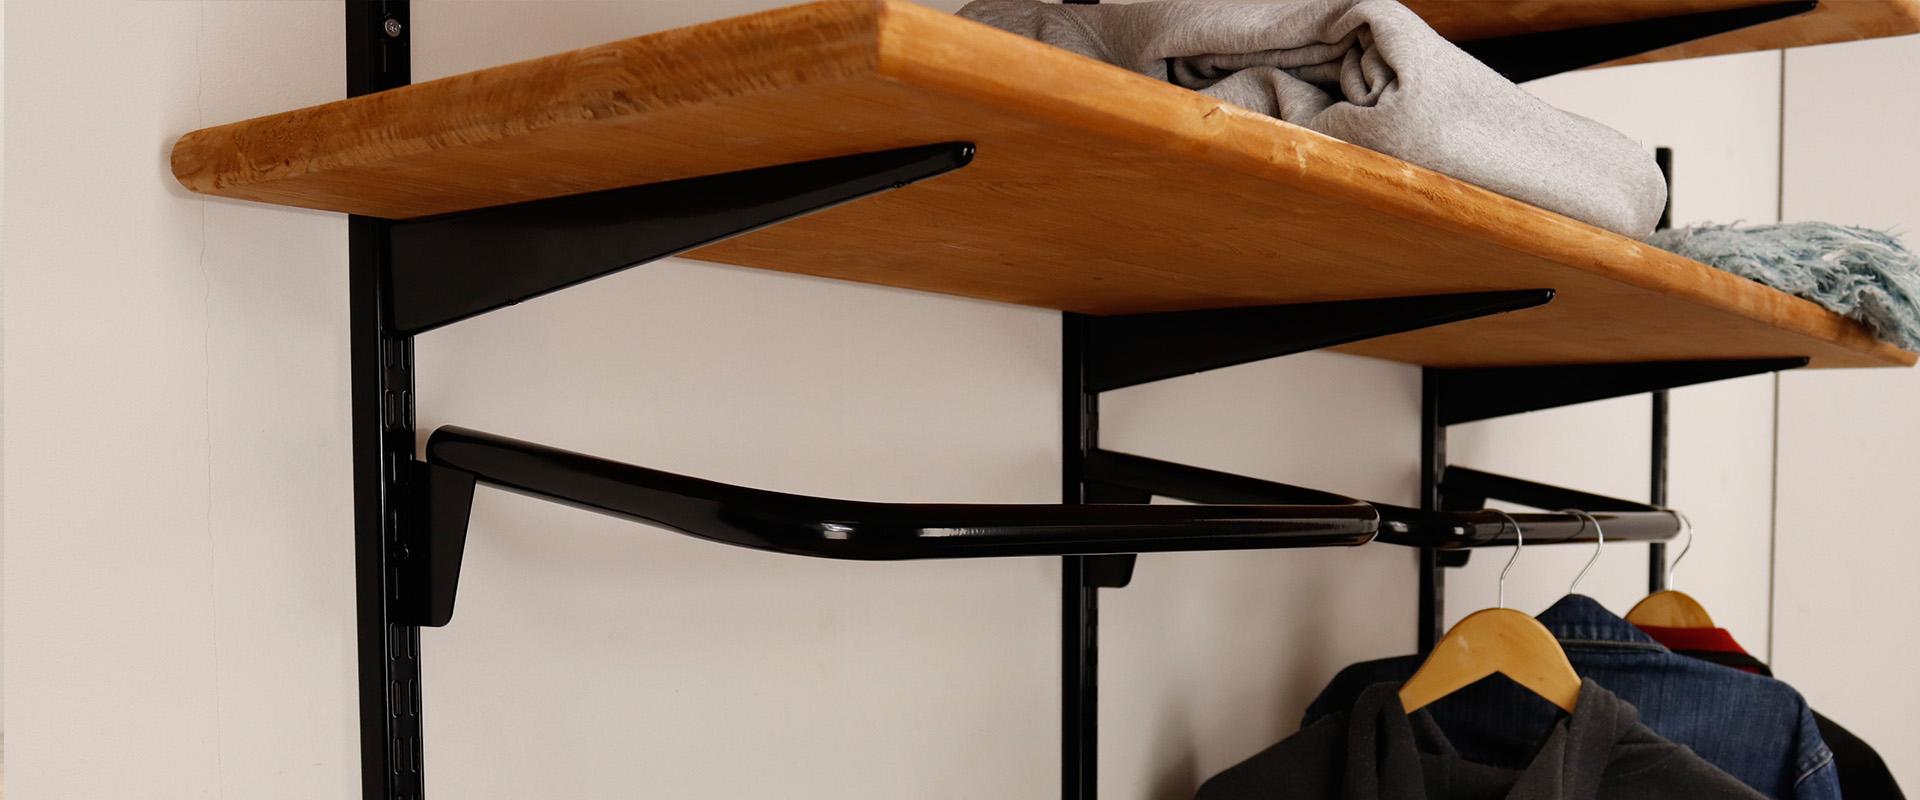 Sovella fipro wandrails zijn te combineren met steigerhout of meubelpanelen.